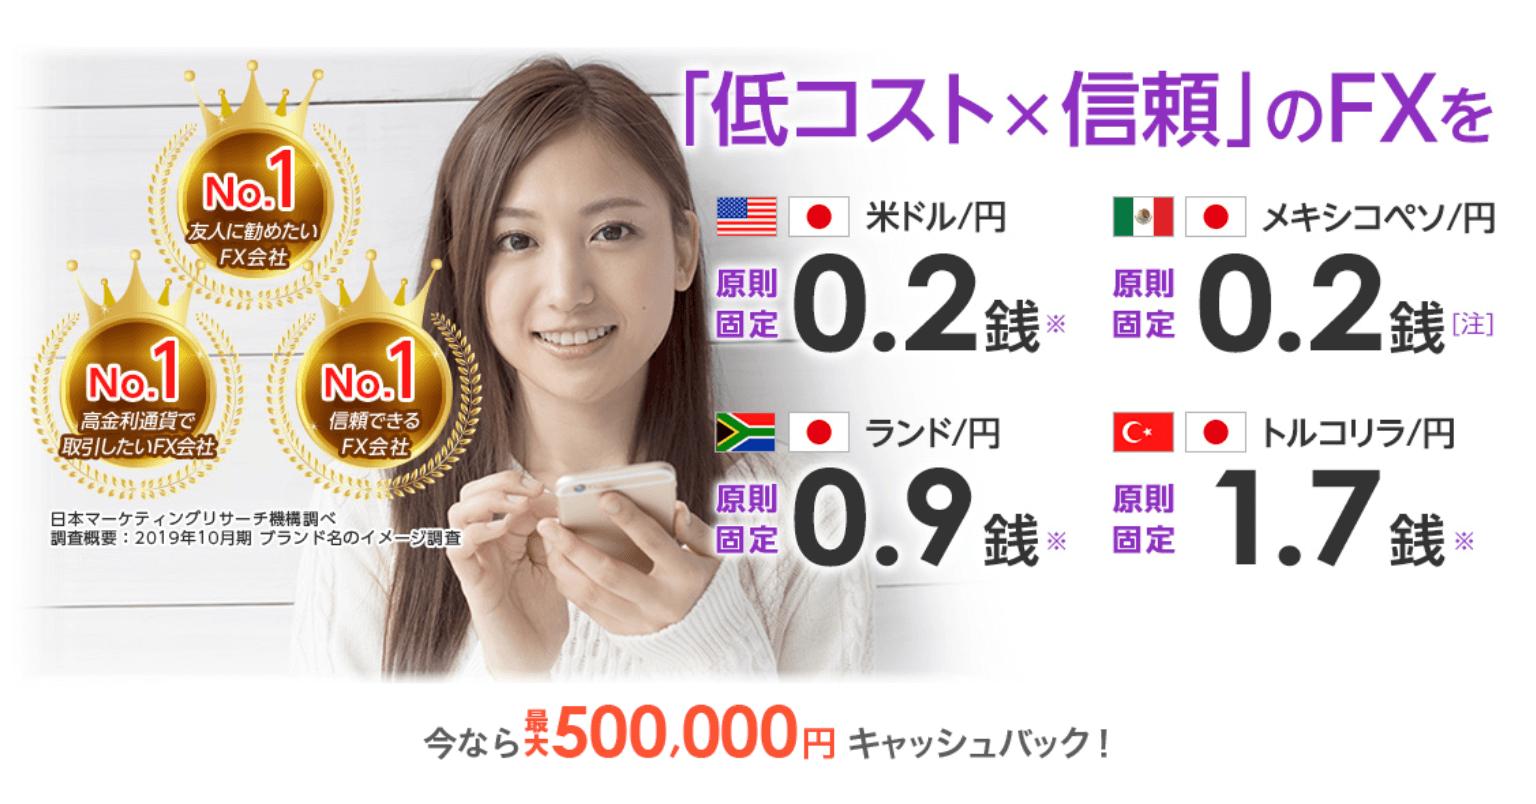 セントラル短資FX最大50万円新規口座開設キャンペーン!イメージ